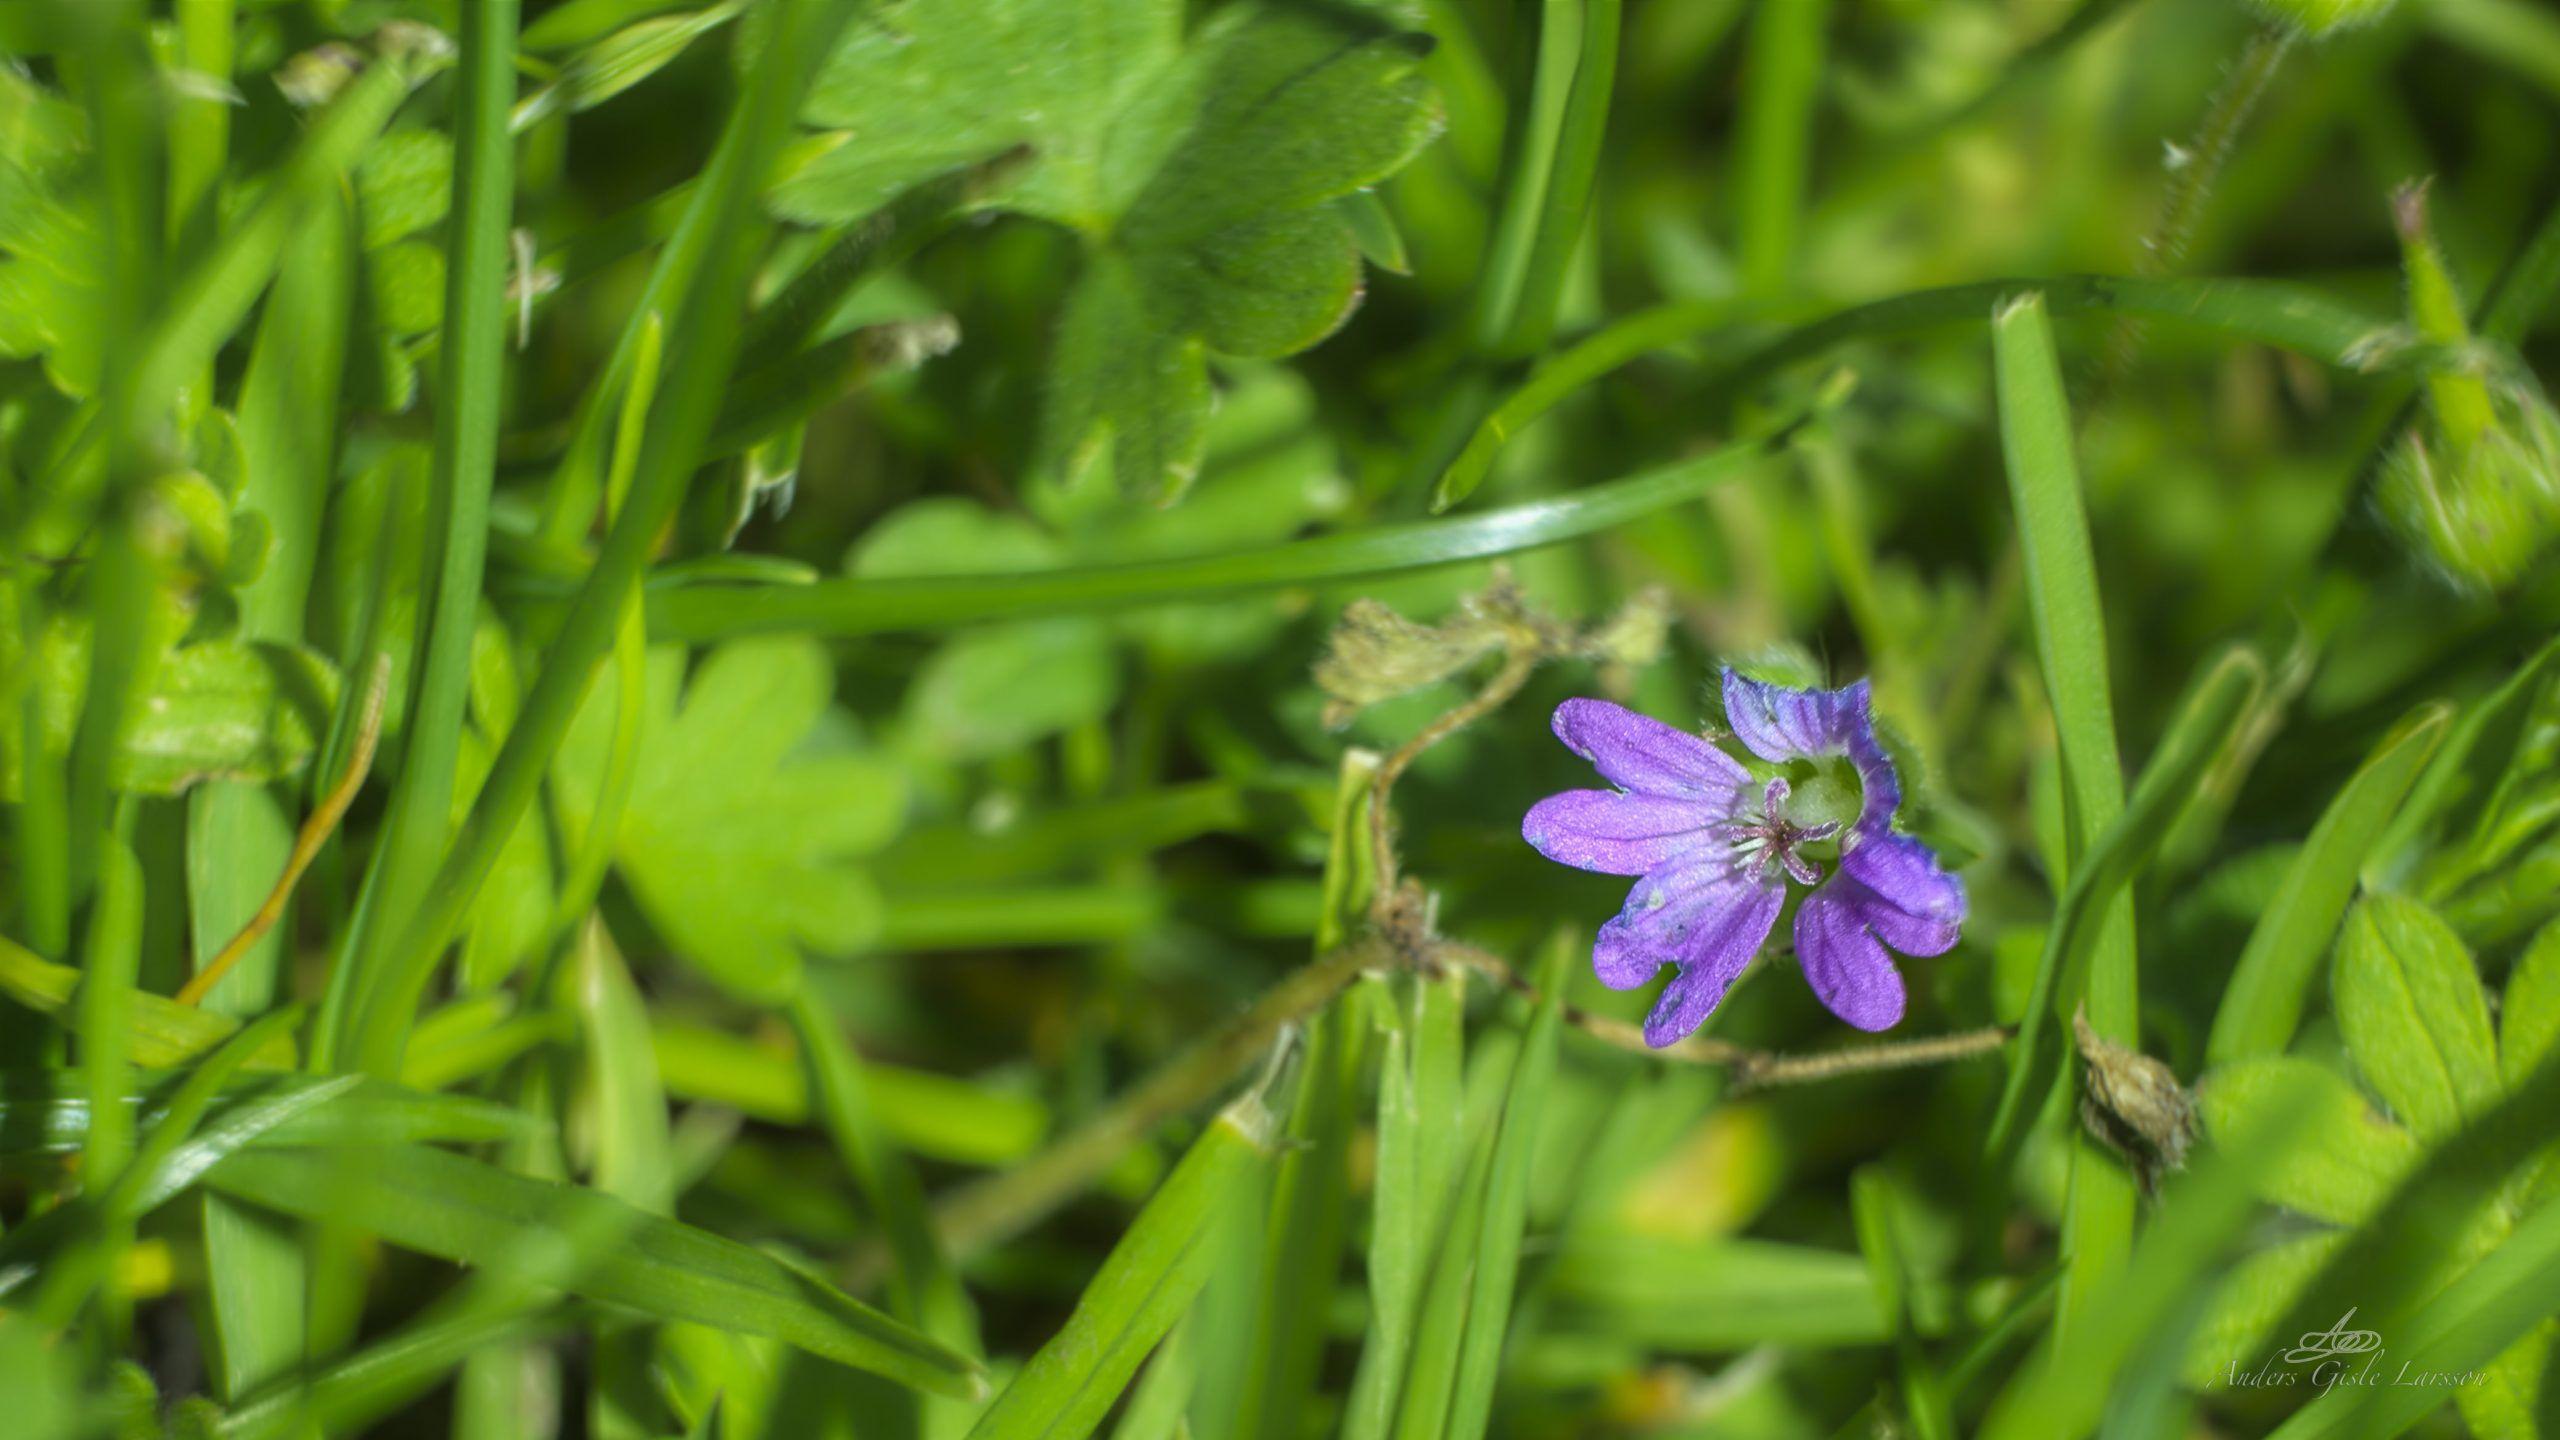 Nede i græsset, Uge 37, Assentoft, Randers